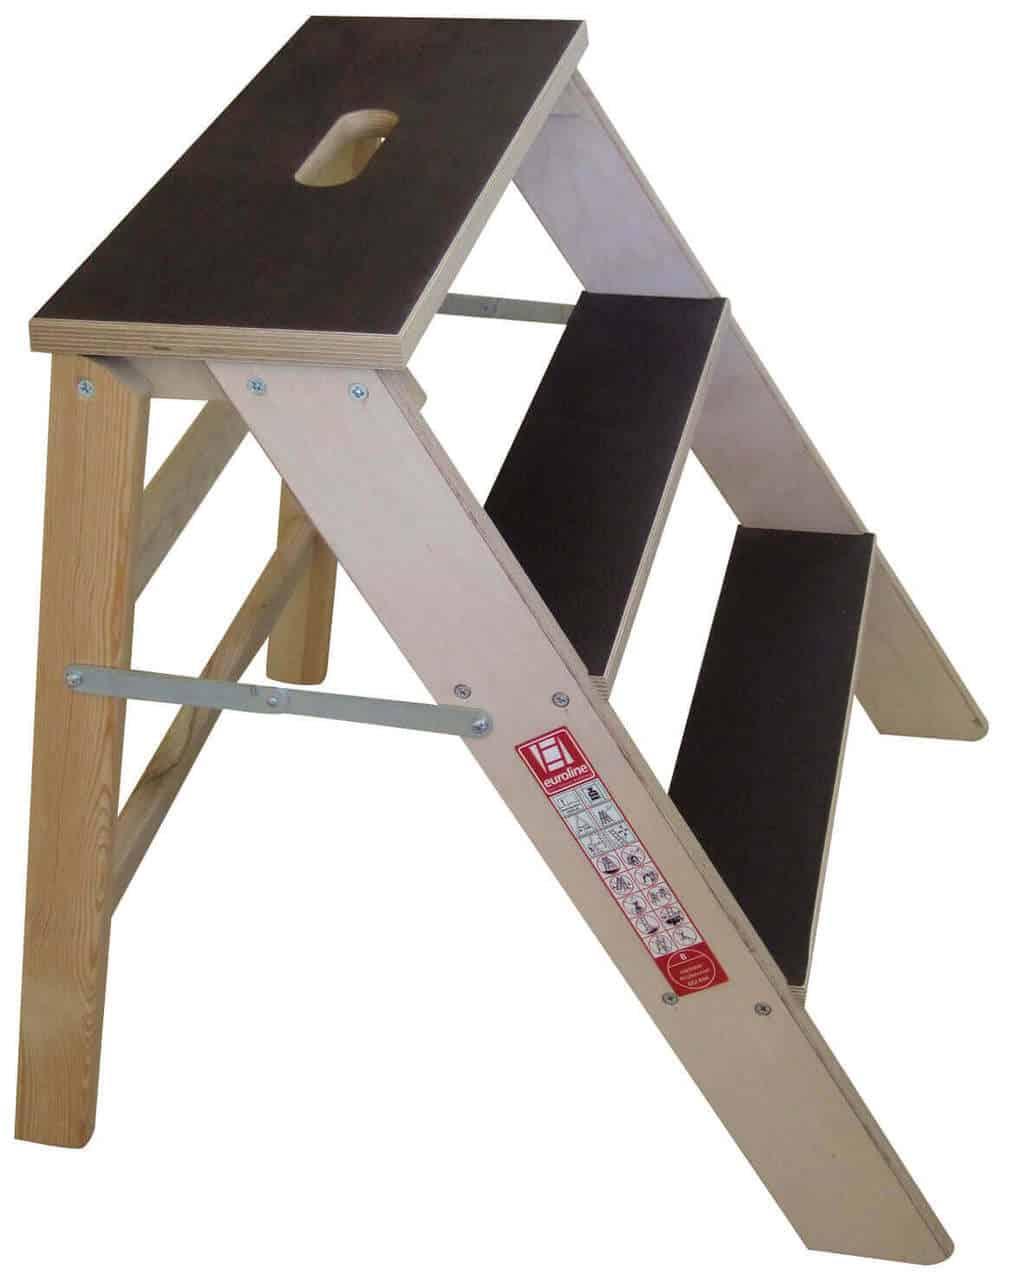 euroline holz stufenpodest 4 stufen. Black Bedroom Furniture Sets. Home Design Ideas